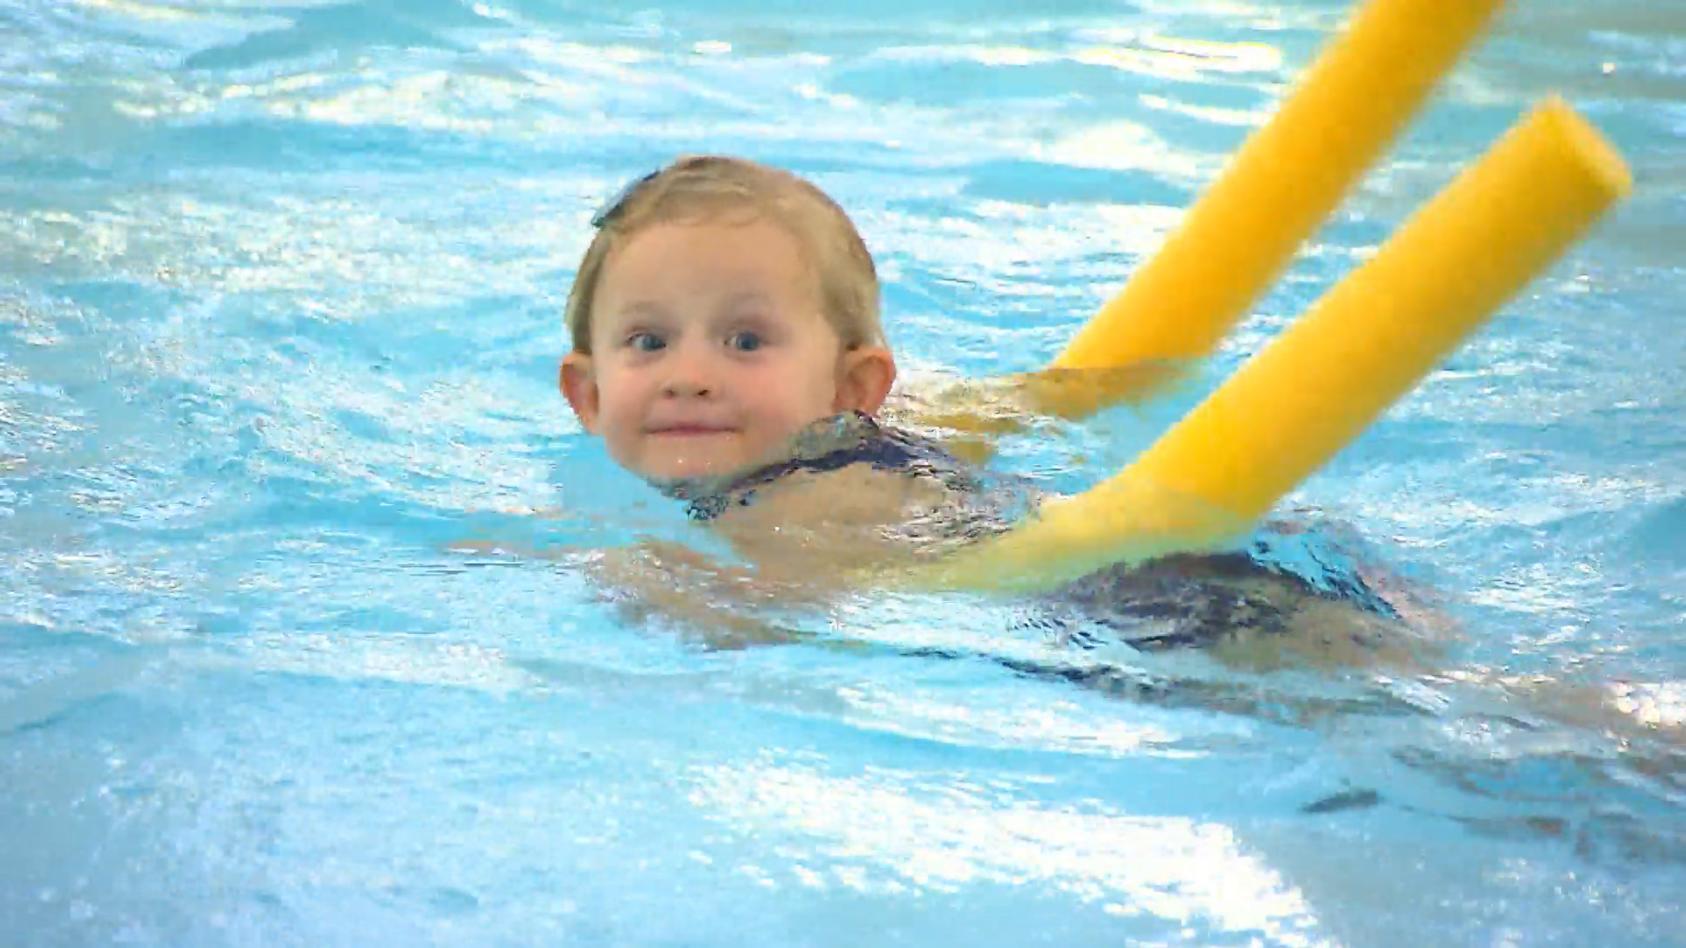 ganze-generation-betroffen-nicht-schwimmerinnen-durch-corona